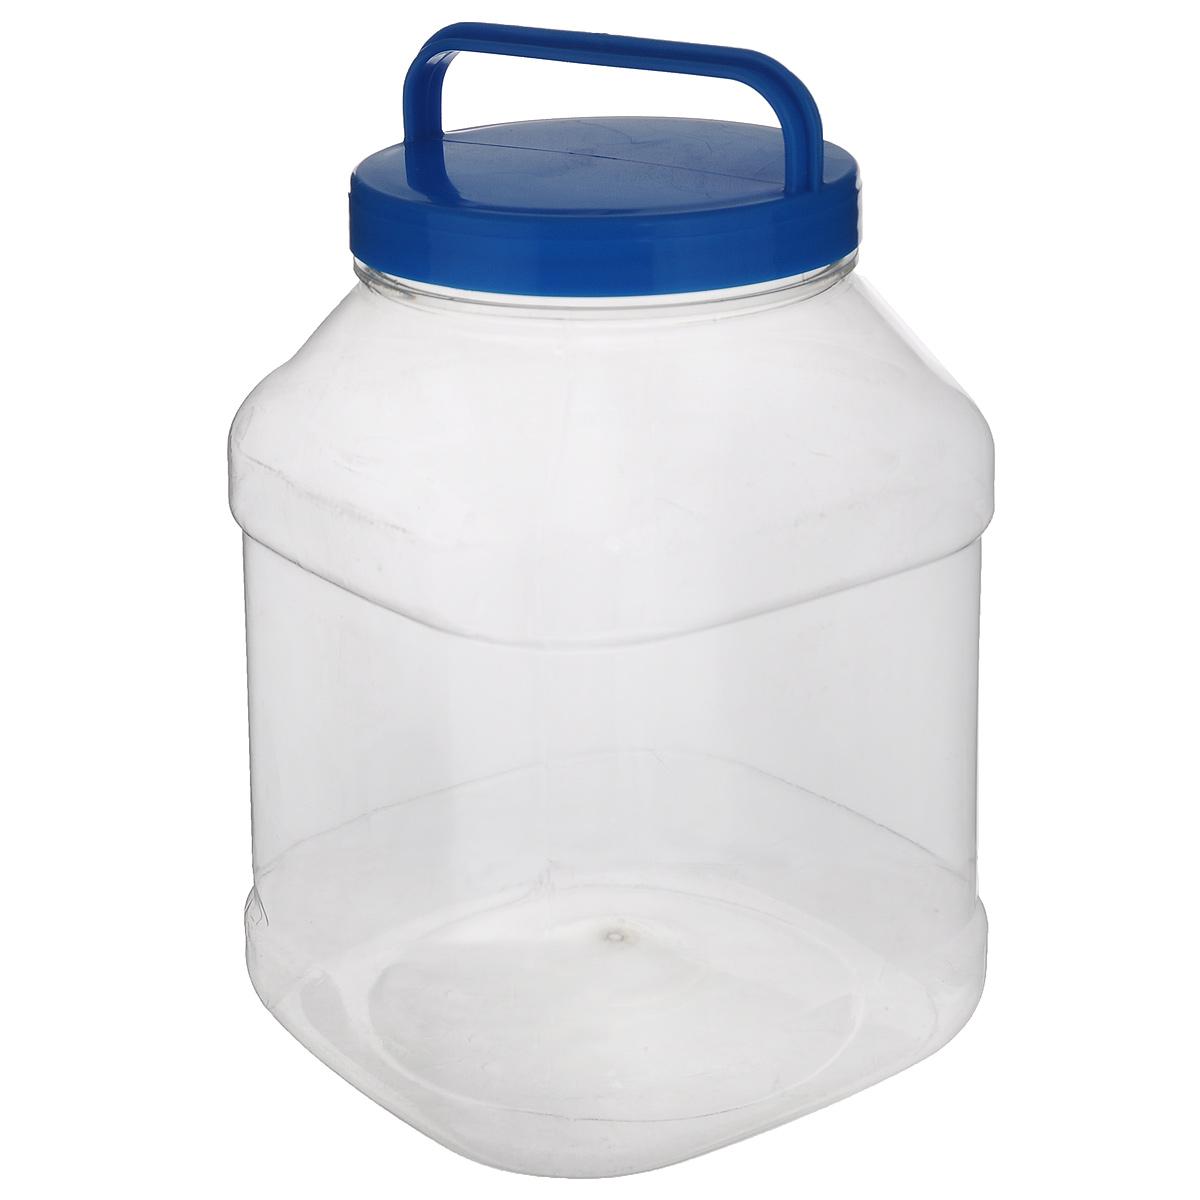 Бидон Альтернатива, прямоугольный, цвет: голубой, 3 лМ463Бидон Альтернатива предназначен для хранения и переноски пищевых продуктов, таких как молоко, вода и т.д. Изделие выполнено из пищевого высококачественного ПЭТ. Оснащен ручкой для удобной переноски. Бидон Альтернатива станет незаменимым аксессуаром на вашей кухне. Объем: 3 л. Диаметр (по верхнему краю): 10,5 см. Высота бидона (без учета крышки): 19 см. Размер дна: 15 см х 15 см.